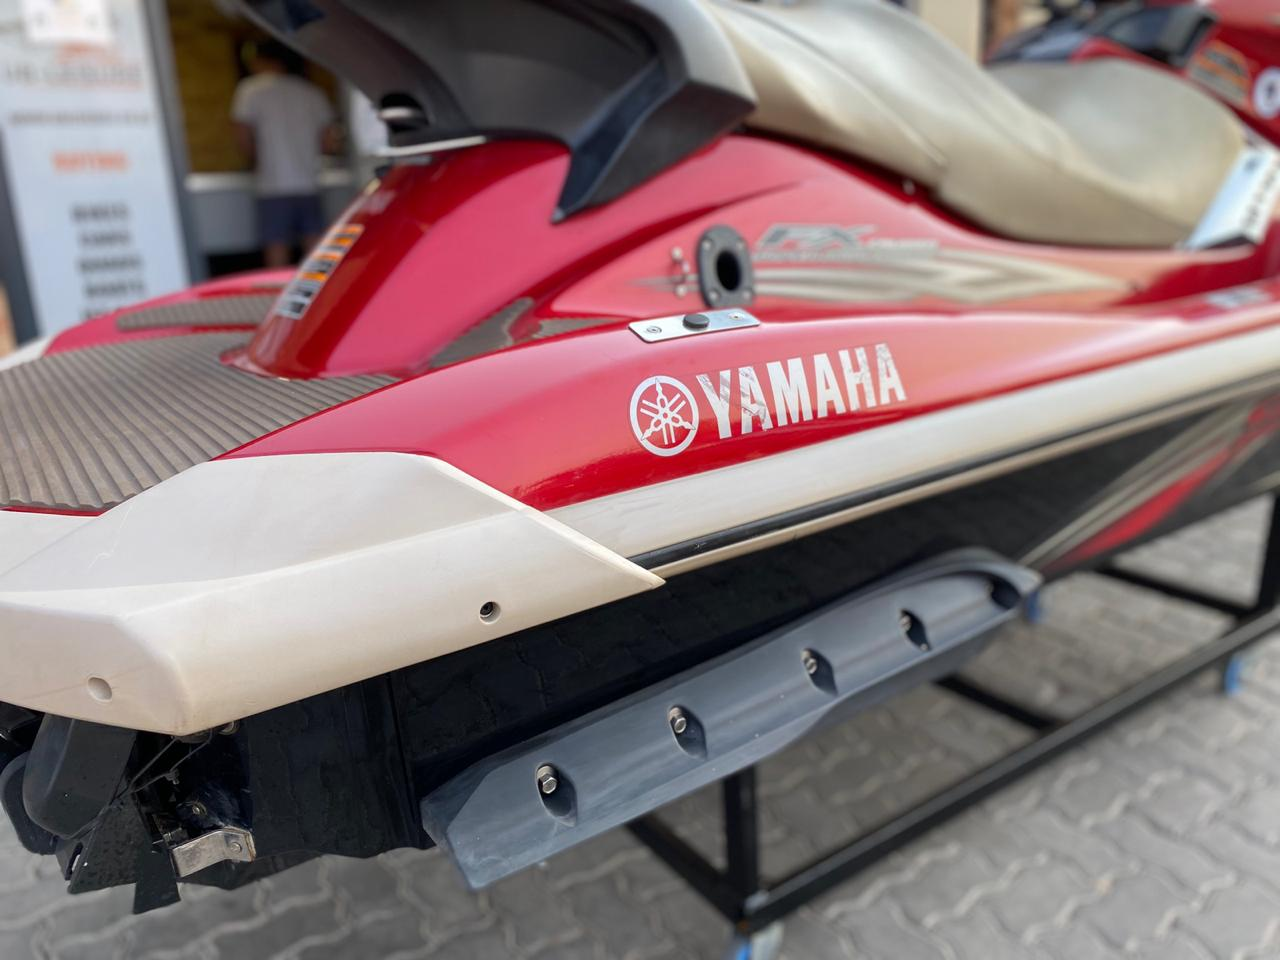 2008 YAMAHA WAVERUNNER SHO SUPERCHARGED 1800 | UB LEISURE